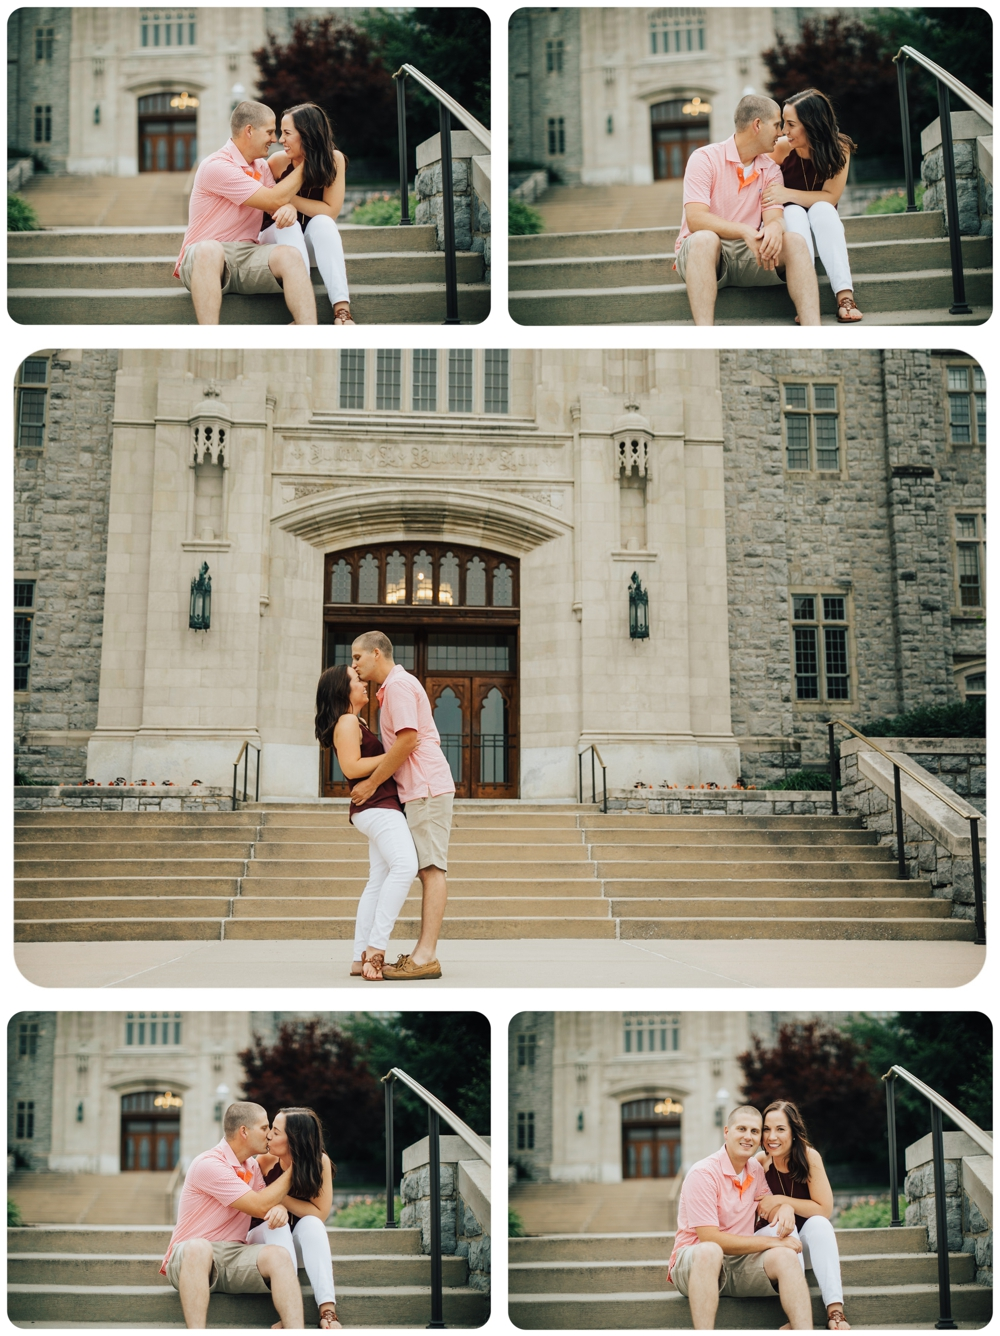 Allison-Matt-Collage-5.jpg